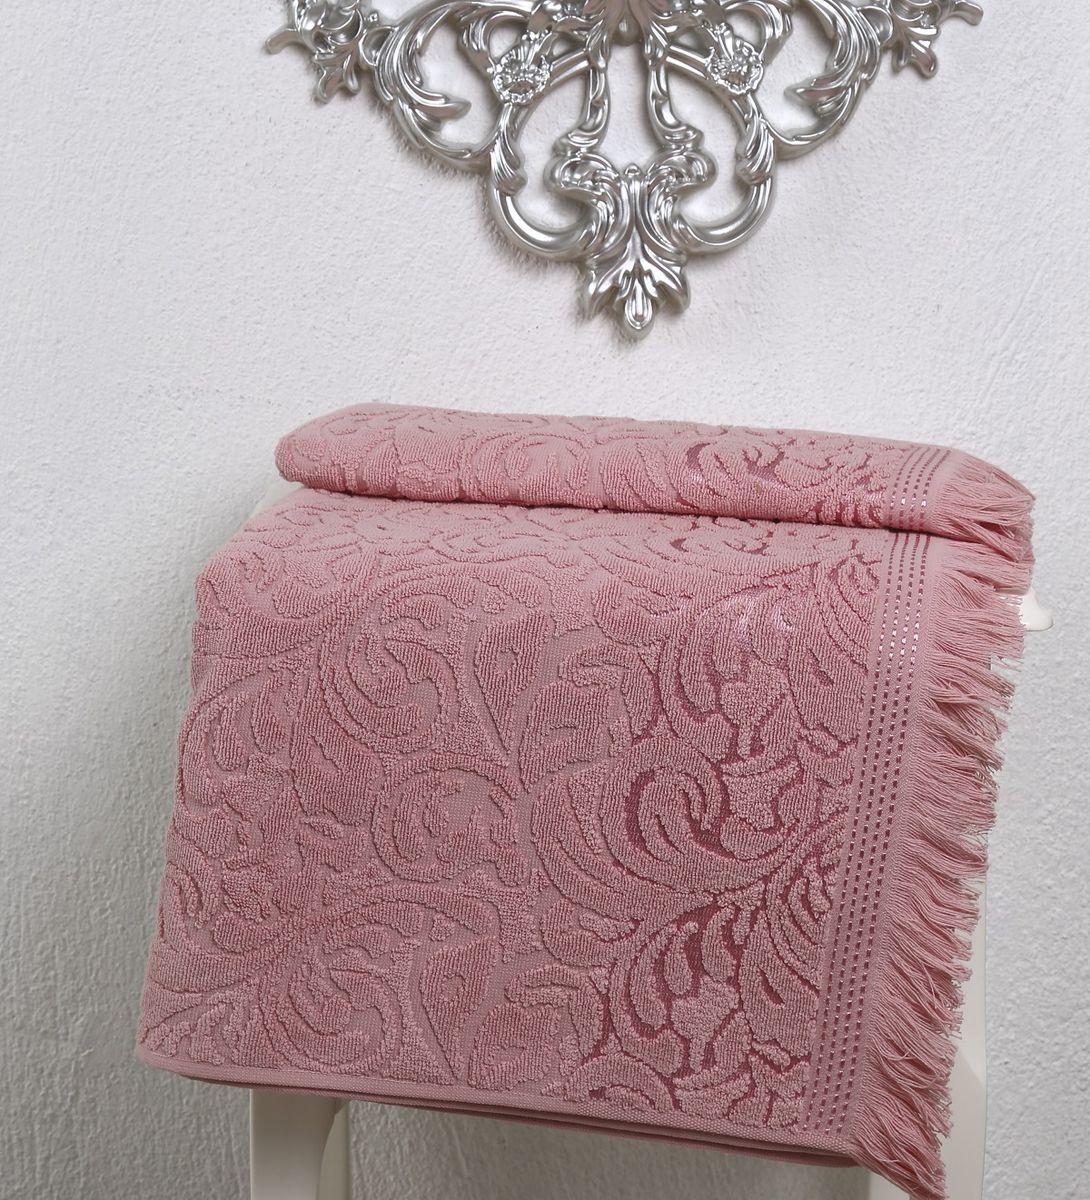 Полотенце Karna Esra, цвет: розовый, 70 х 140 см2195/CHAR006Полотенце махровое Karna изготавливают из высококачественных хлопковых нитей. Хлопковые нити прядутся из длинных волокон. Длина волокон хлопковой нити влияет на свойства ткани, чем длиннее волокна, тем махровое изделие прочнее, пушистее и мягче на ощупь. А также махровое изделие будет отлично впитывать воду и быстро сохнуть. На впитывающие качества махры (ее гигроскопичность), конечно же, влияет состав волокон. Махра абсолютно не аллергена, имеет высокую воздухопроницаемость и долгий срок использования ткани.Отличительной особенностью данной модели является её оригинальный рисунок (вышивка) и подарочная упаковка. Декор в виде вышивки и бахромы хорошо смотрится. Вышитые изображения отличаются своей долговечностью и практичностью, они не выгорают и не линяют.